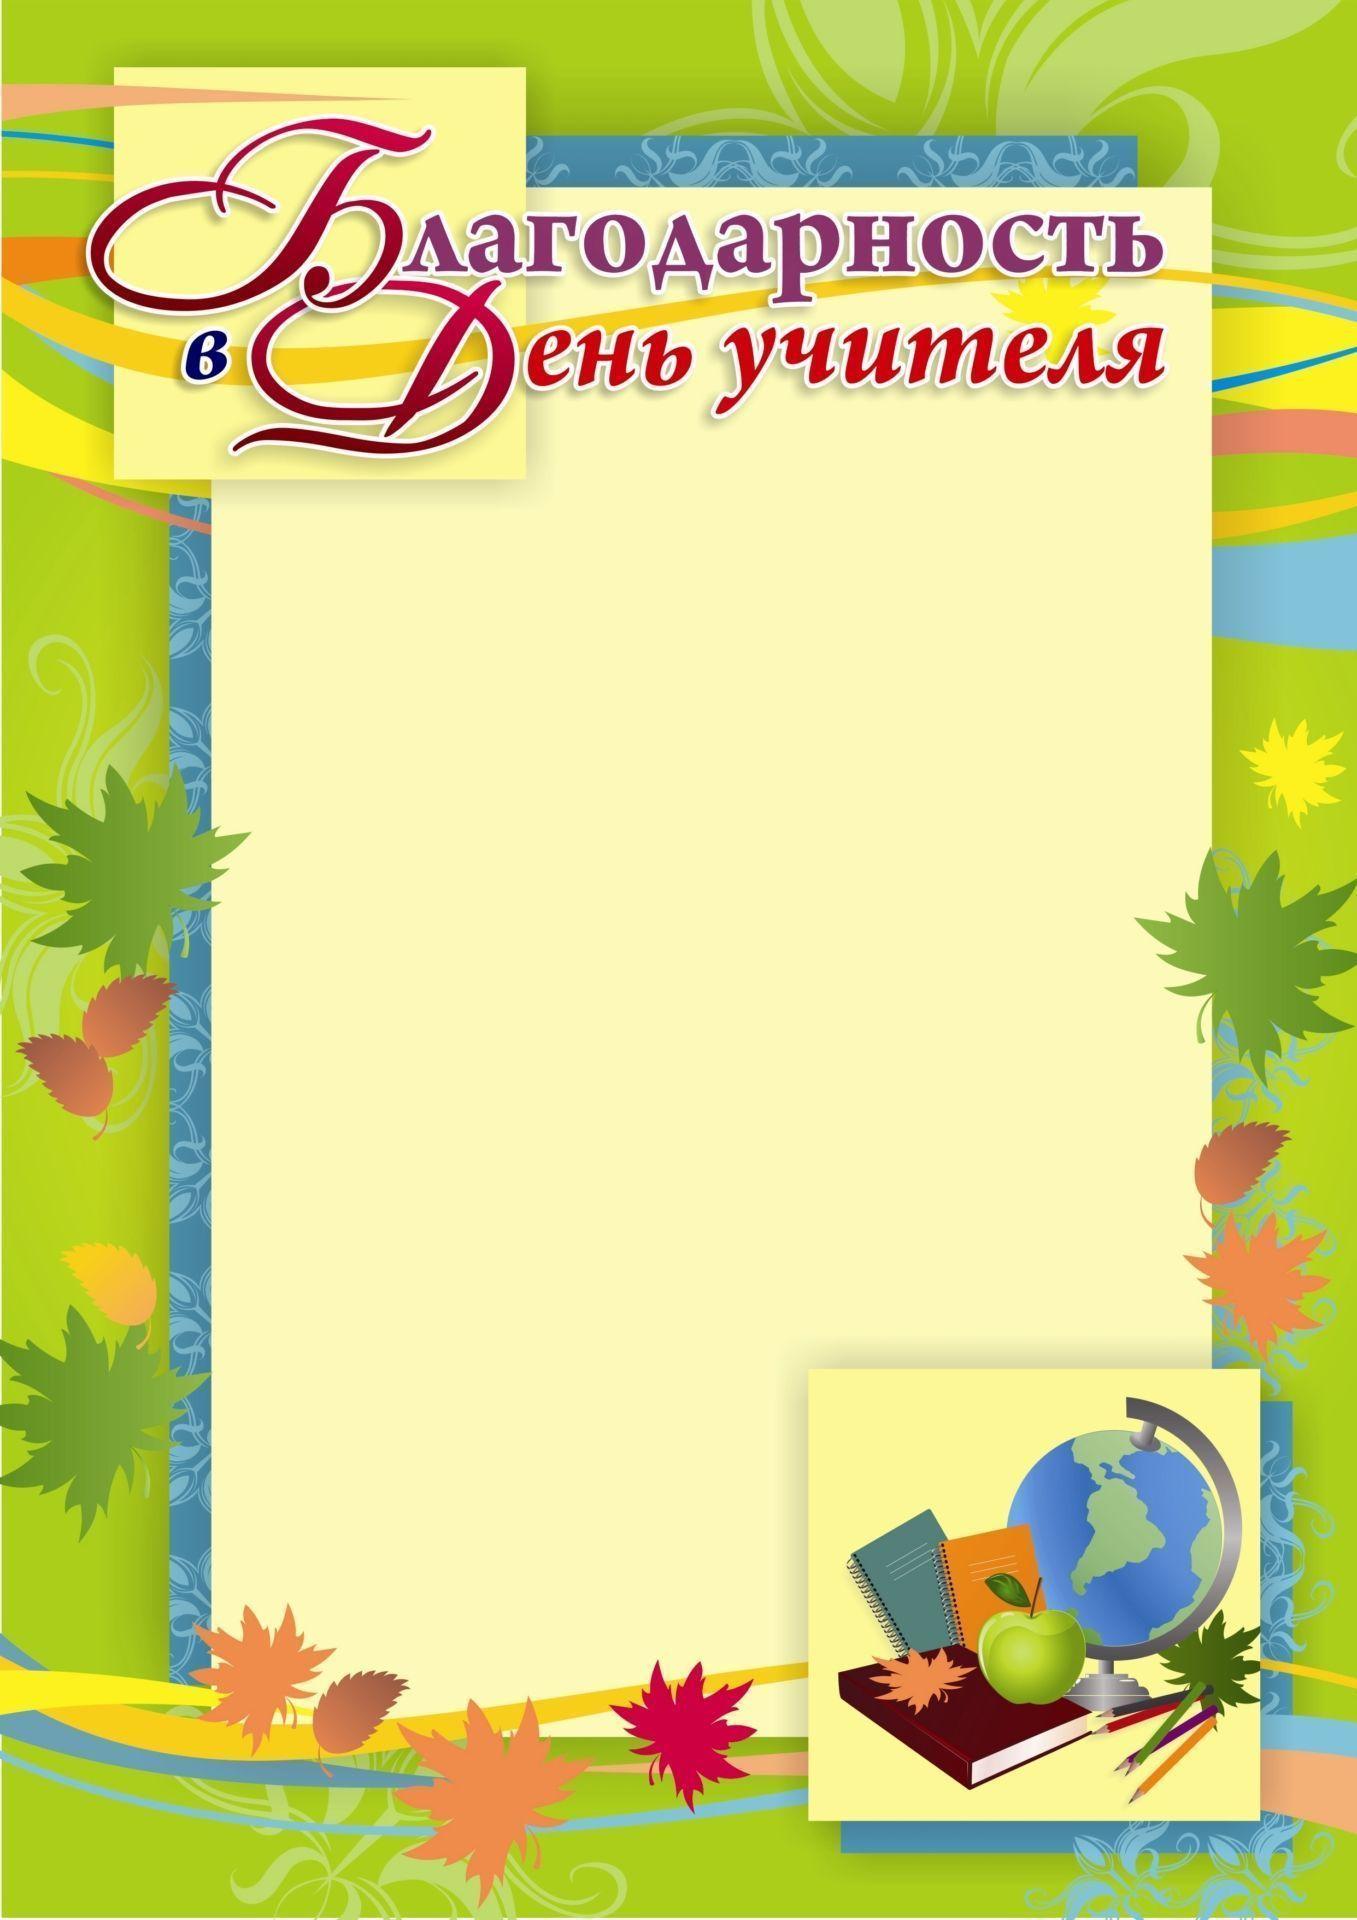 Благодарность в День УчителяКо Дню учителя!<br>Материалы:на обложку - бумага мелованная, пл. 250.00.<br><br>Год: 2017<br>Высота: 297<br>Ширина: 210